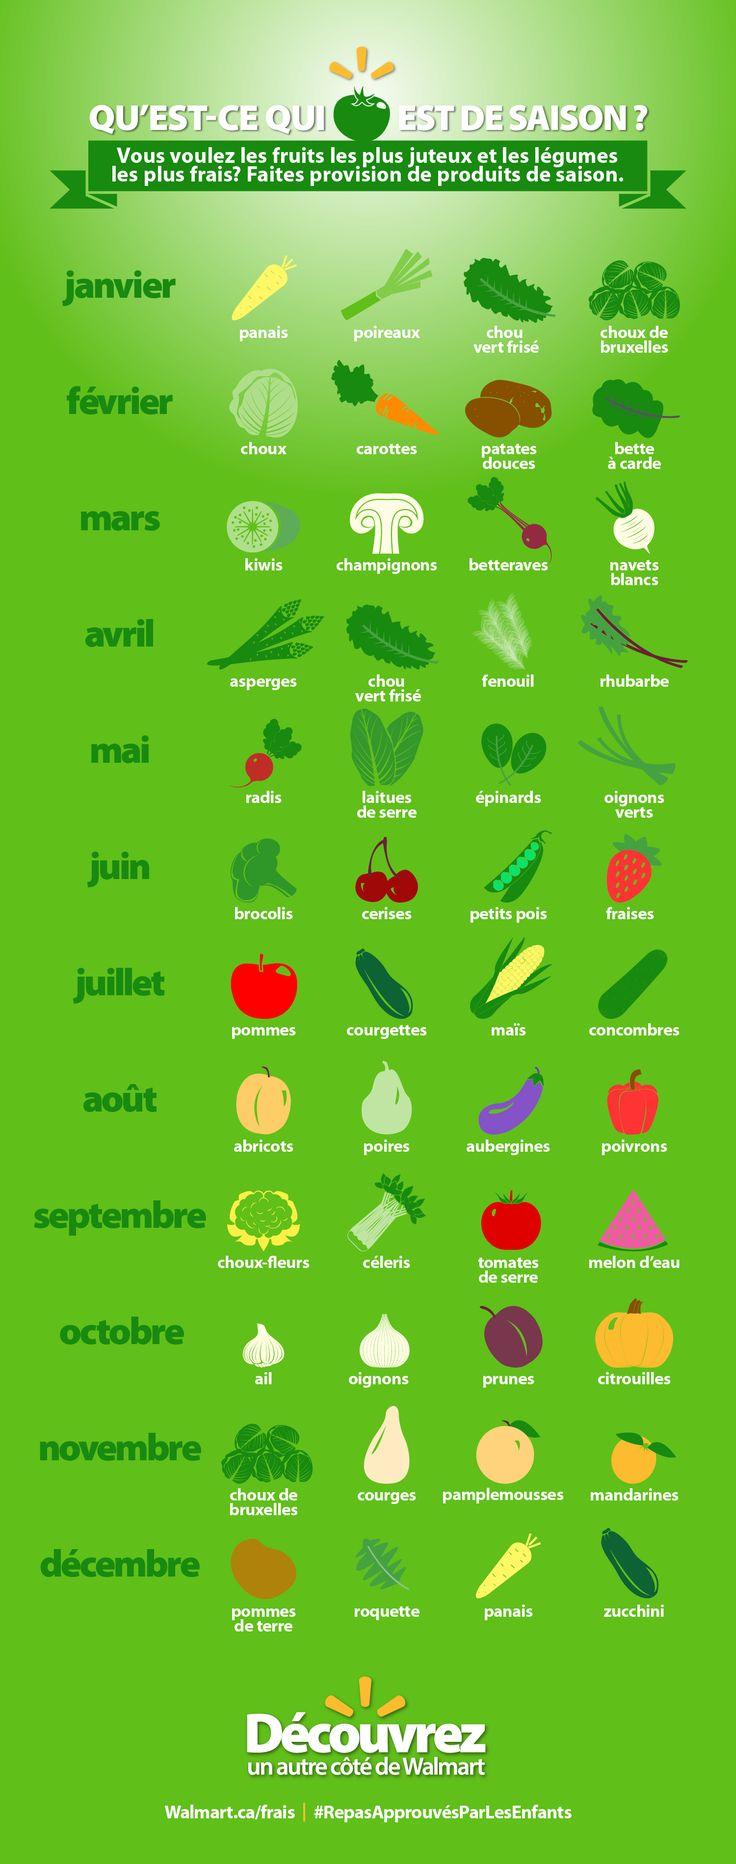 Rien de plus facile que d'acheter fruits et légumes saisonniers : affichez ce guide pratique pour savoir ce qui est de saison. #RepasApprouvésParLesEnfants